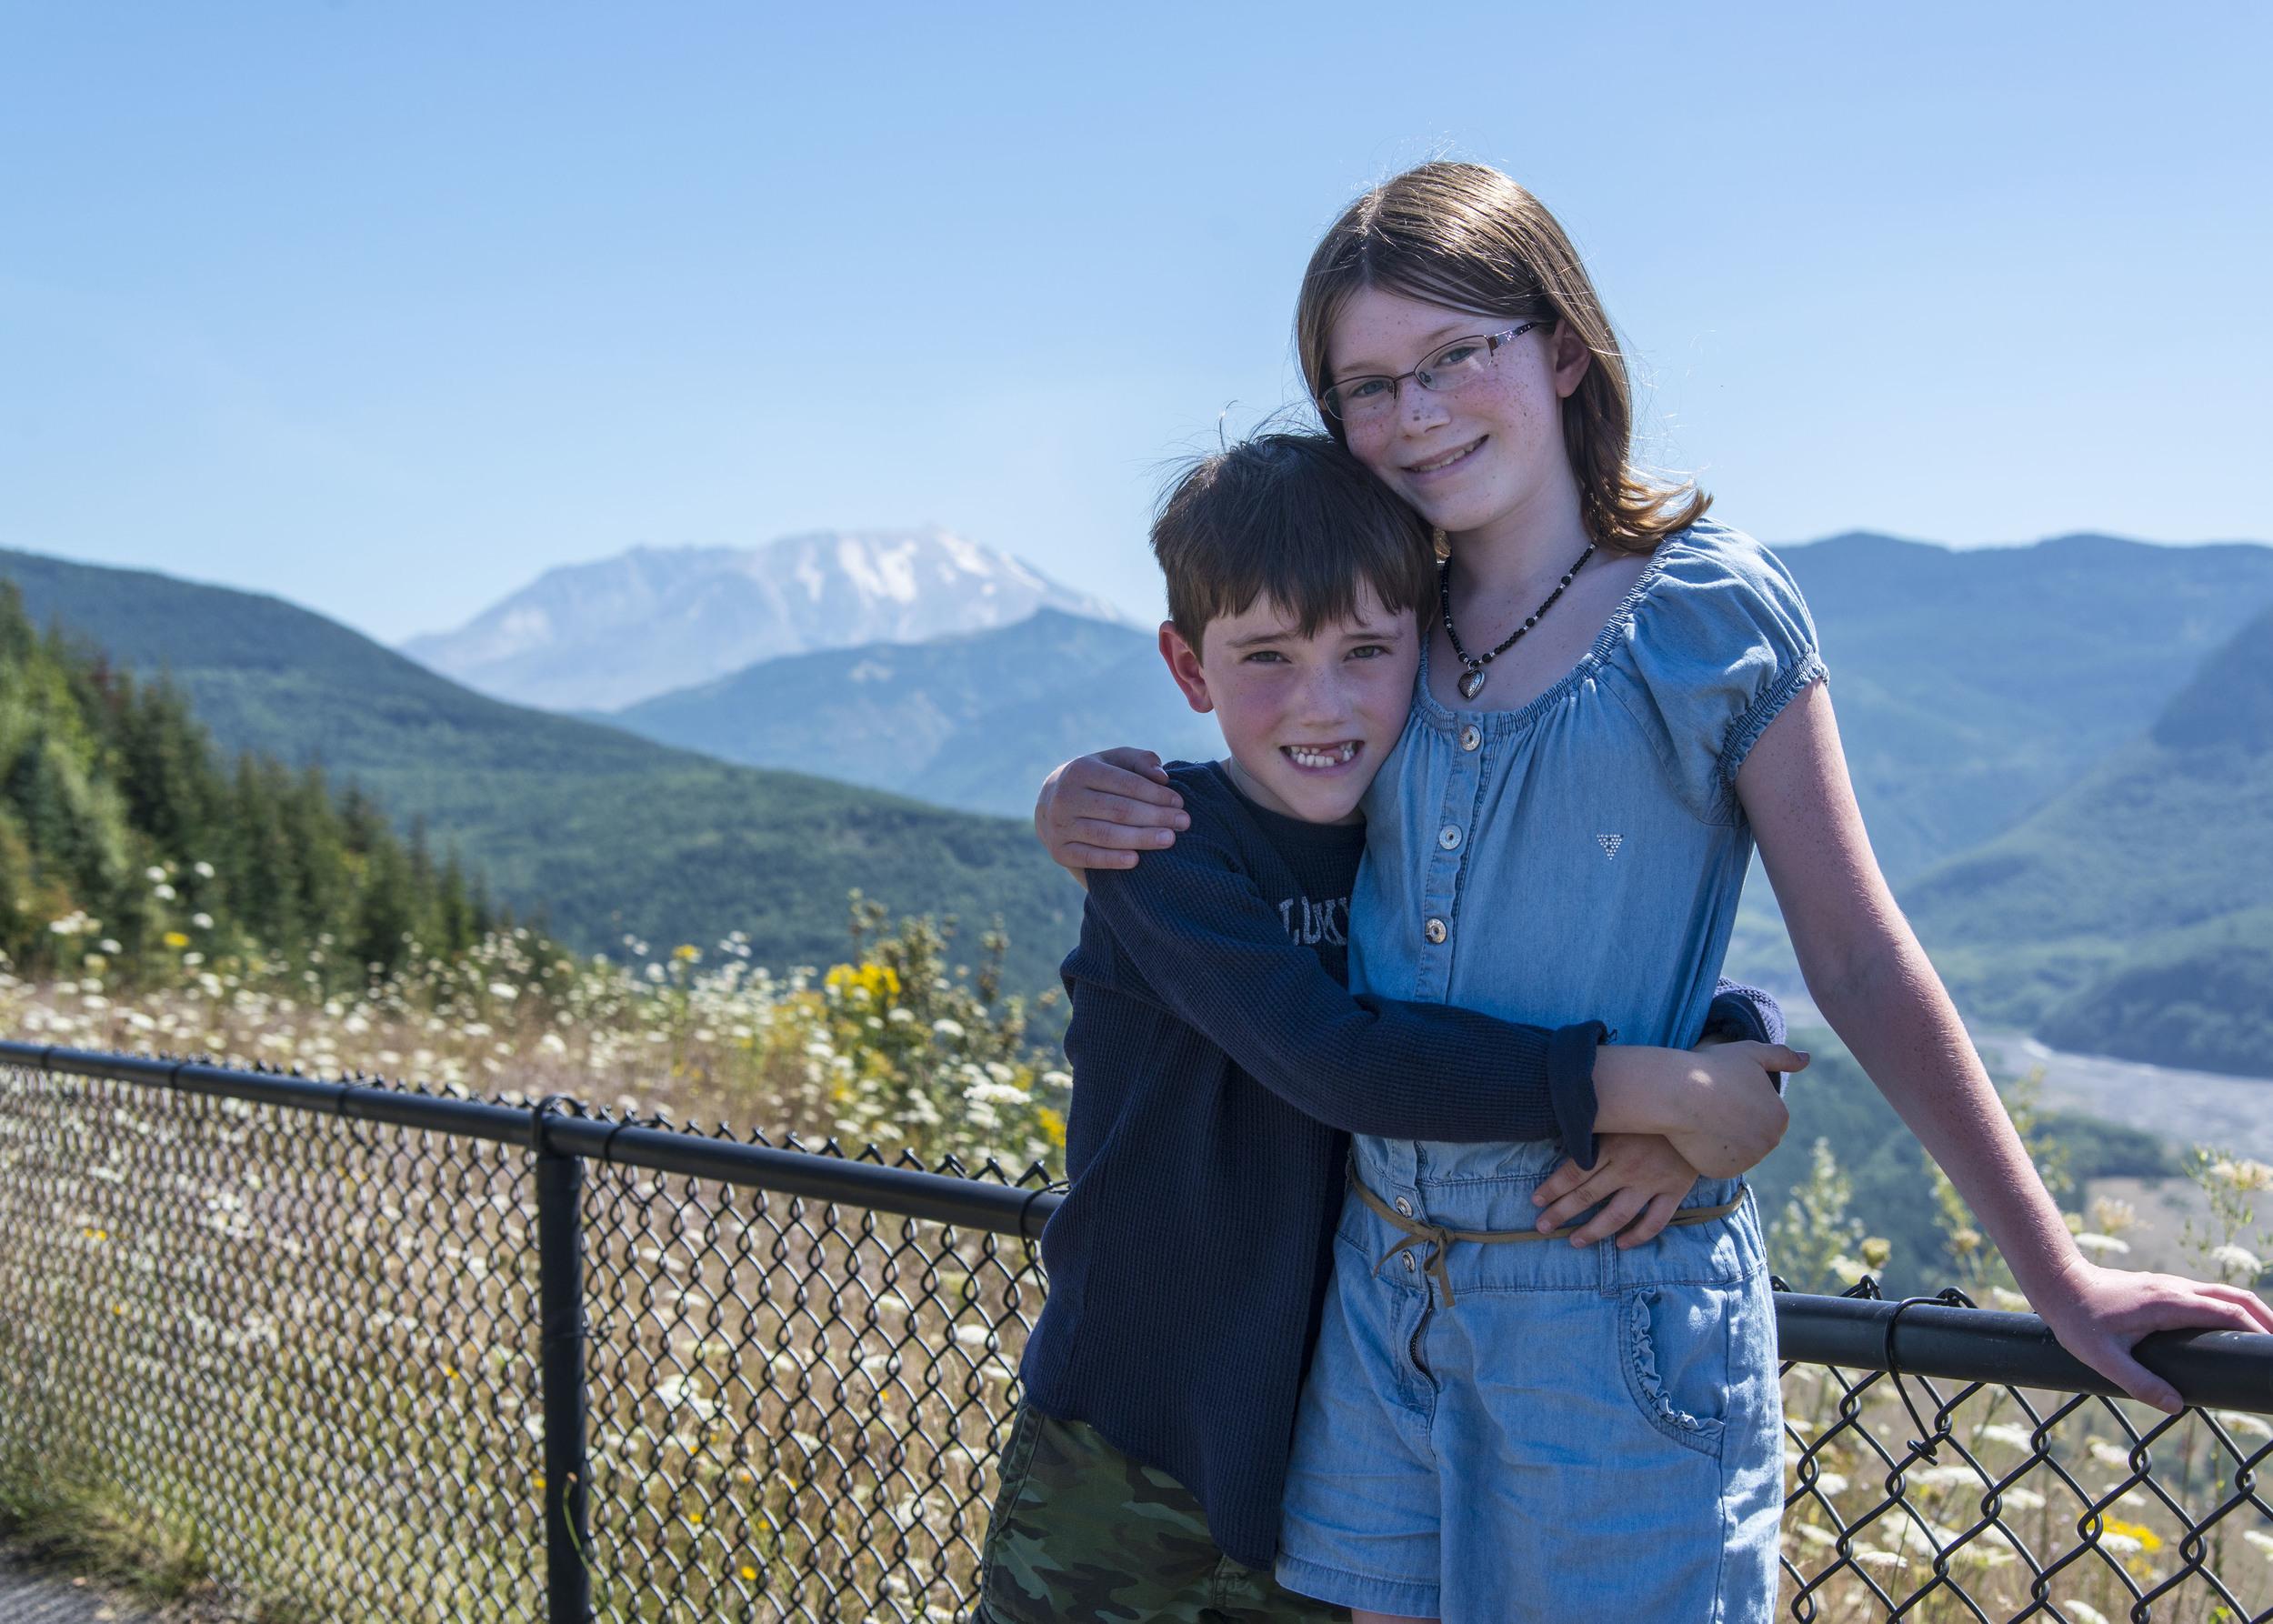 Samantha and Parker at Mt. Saint Helens. Nikon D800, Nikkor 24-120mm lens @ 48mm, ISO 200, f5.6, 1/1000 sec.